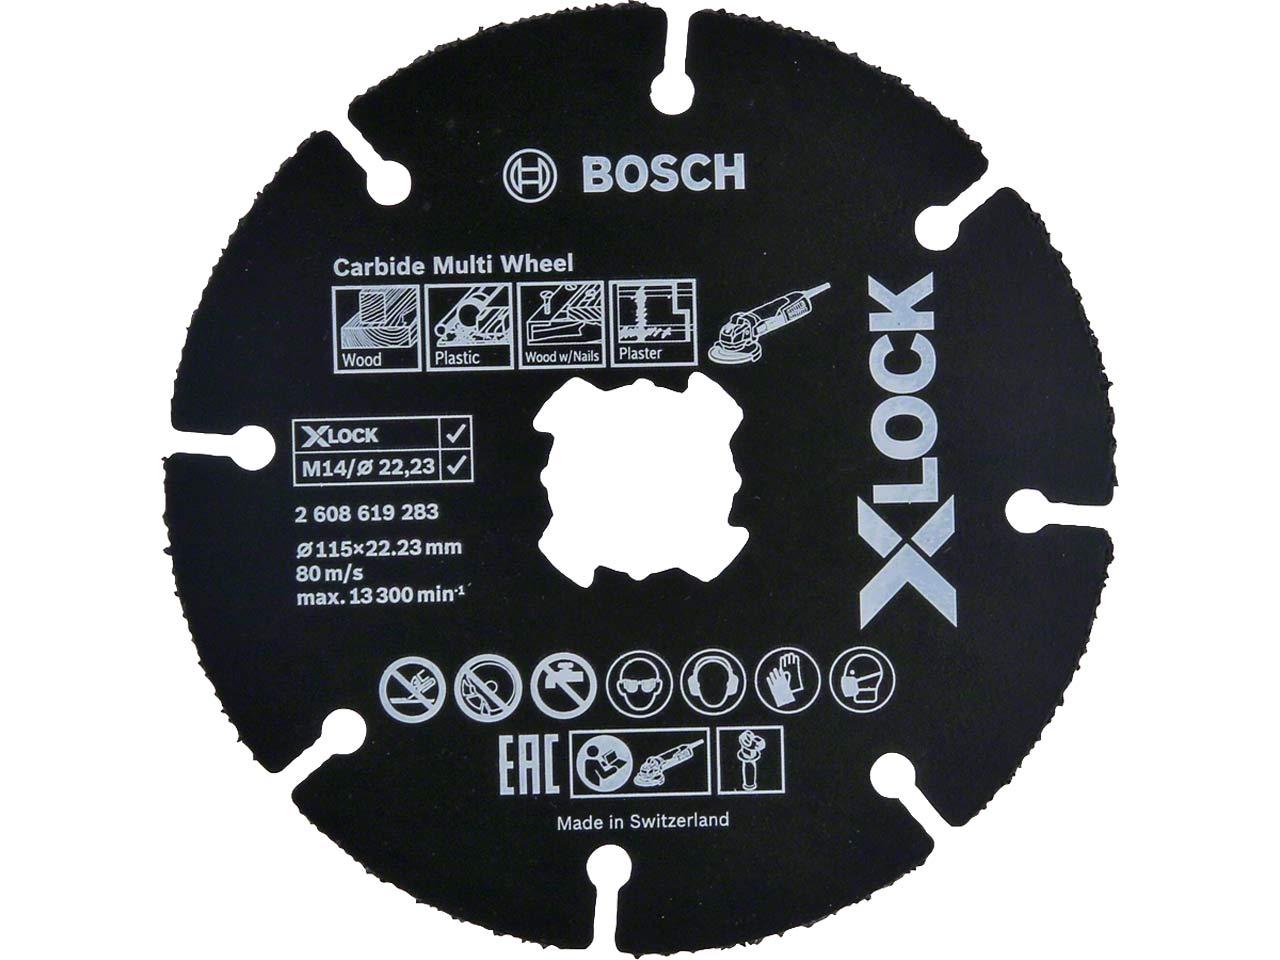 Bosch_2608619283.jpg